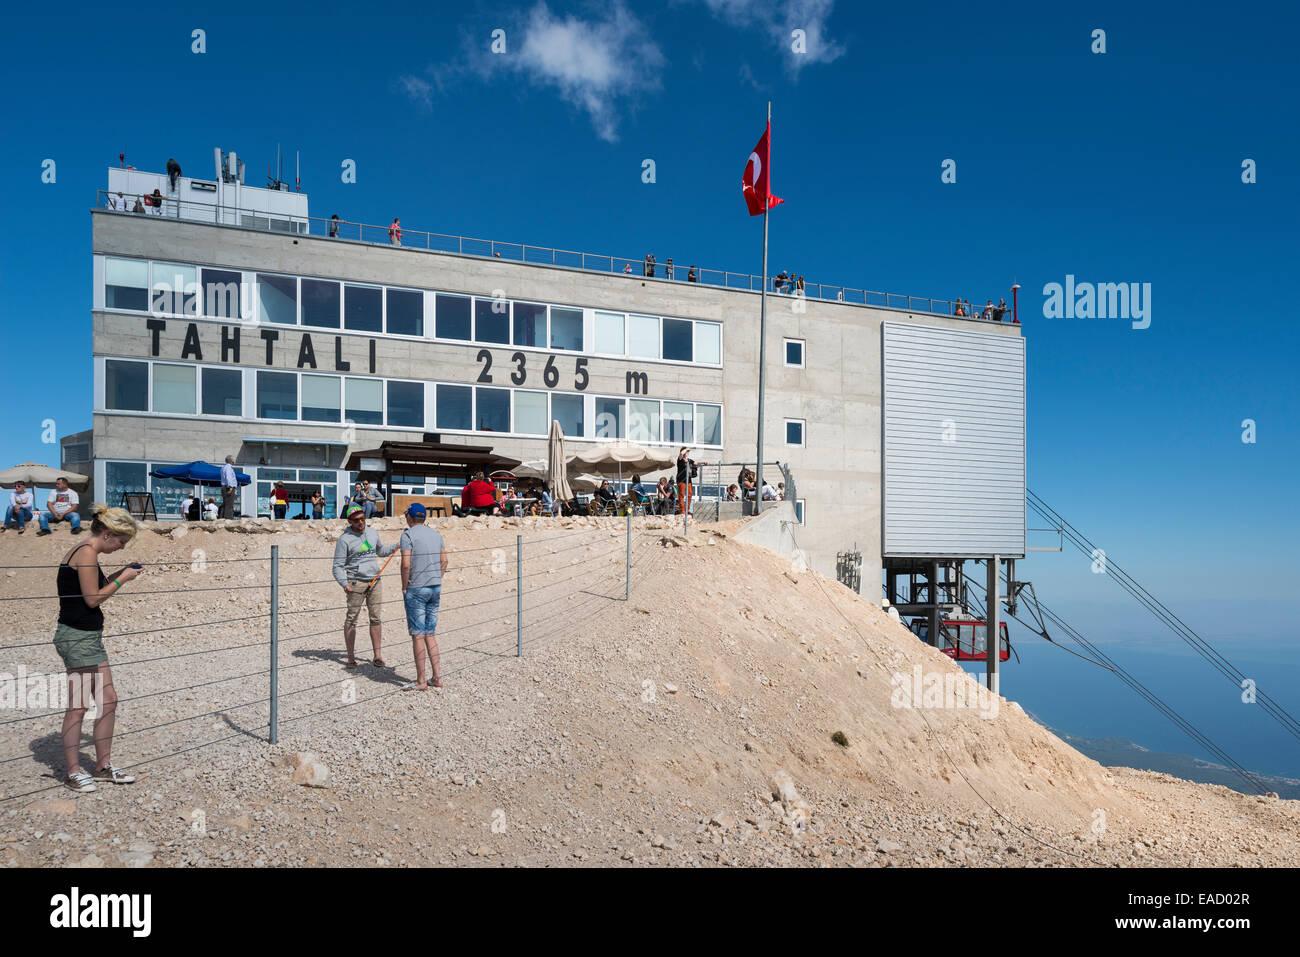 Oberseite des Tahtal? Dagi Berg, 2366 m, Bergstation der Seilbahn, gebaut als türkisch-schweizerische Kooperation Stockbild